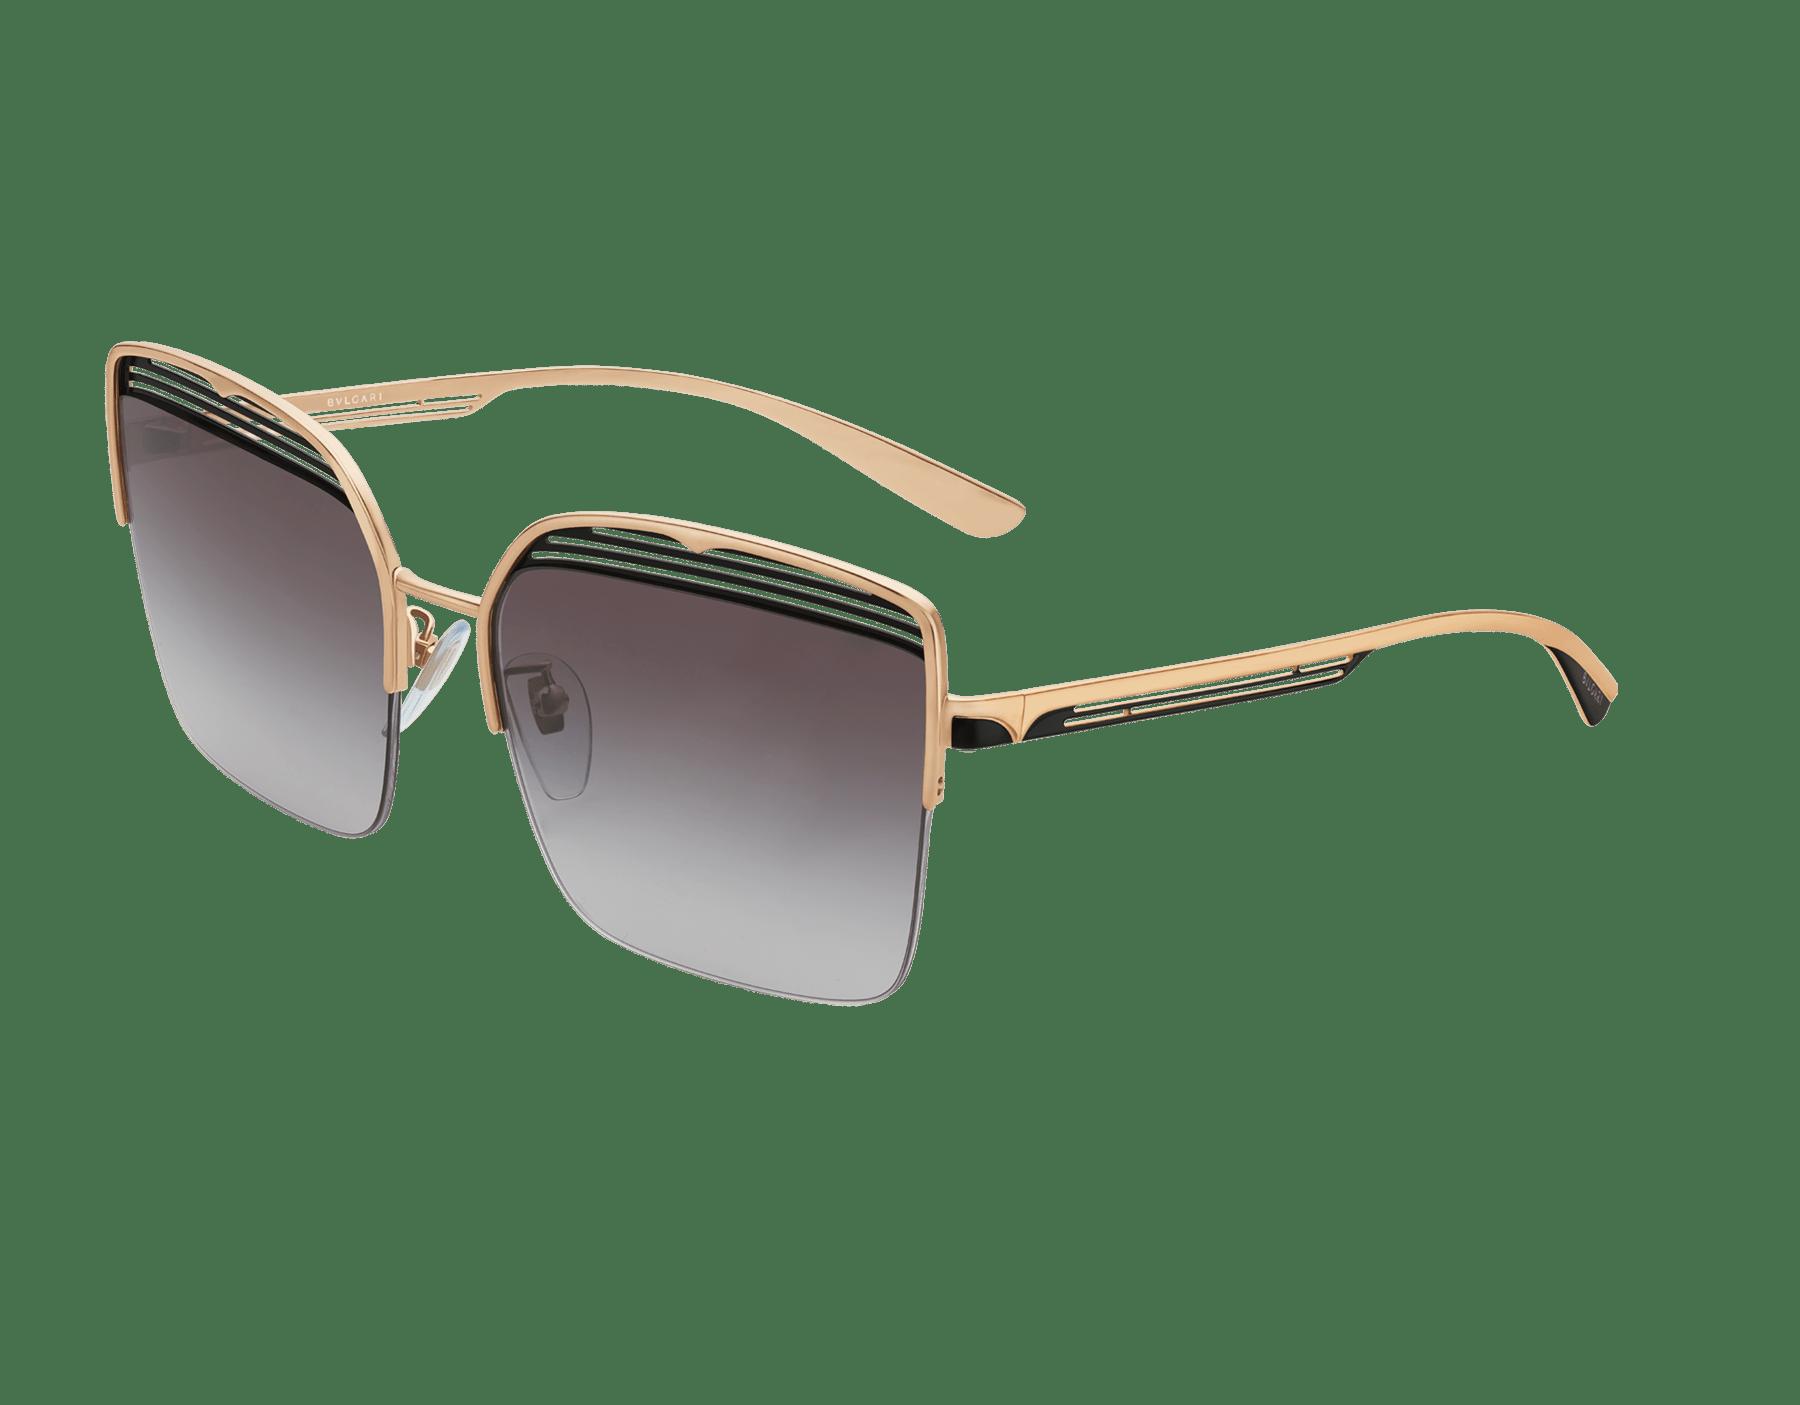 Gafas de sol Bvlgari B.zero1 B.overvibe cuadradas con semiarmazón en metal. 903810 image 1